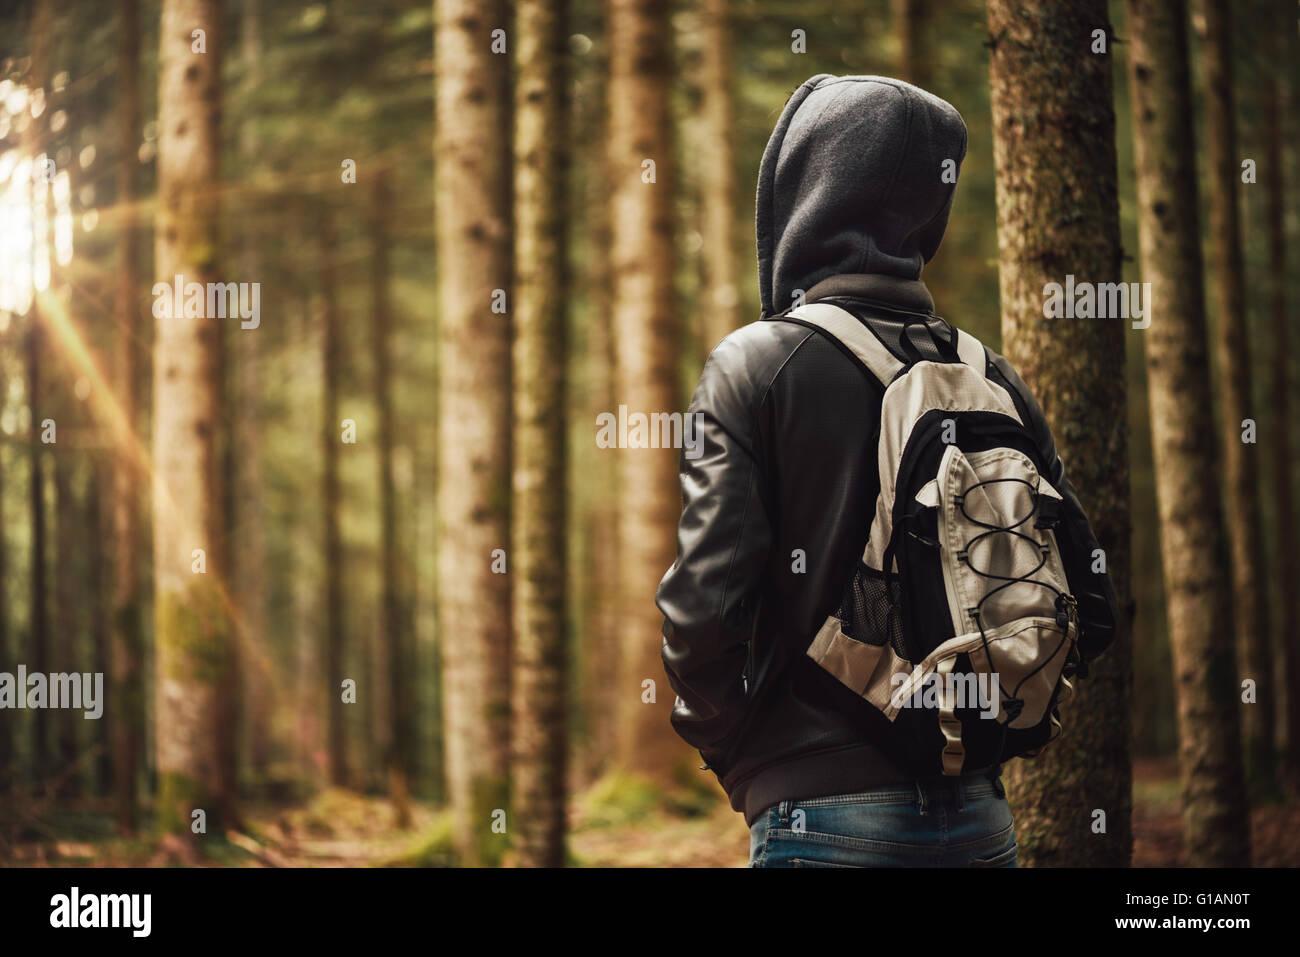 Joven hombre encapuchado caminatas en el bosque, la libertad y el concepto de naturaleza Imagen De Stock